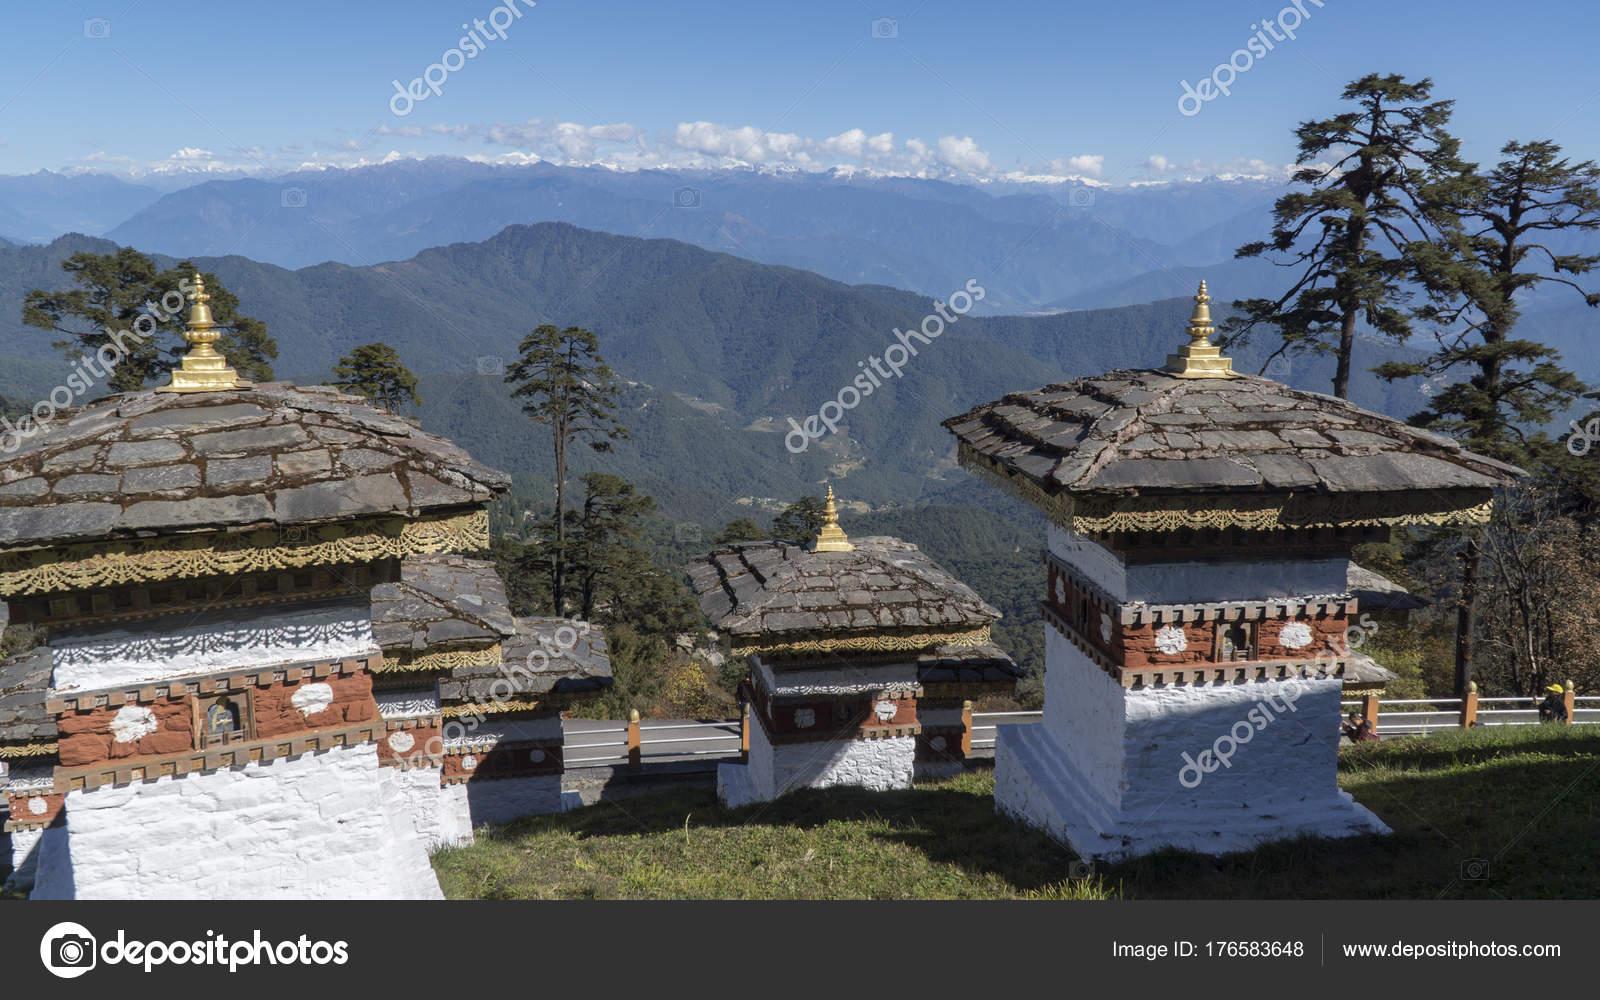 Druk Wangyal Chörten Am Dochula Pass Königreich Bhutan Stockfoto